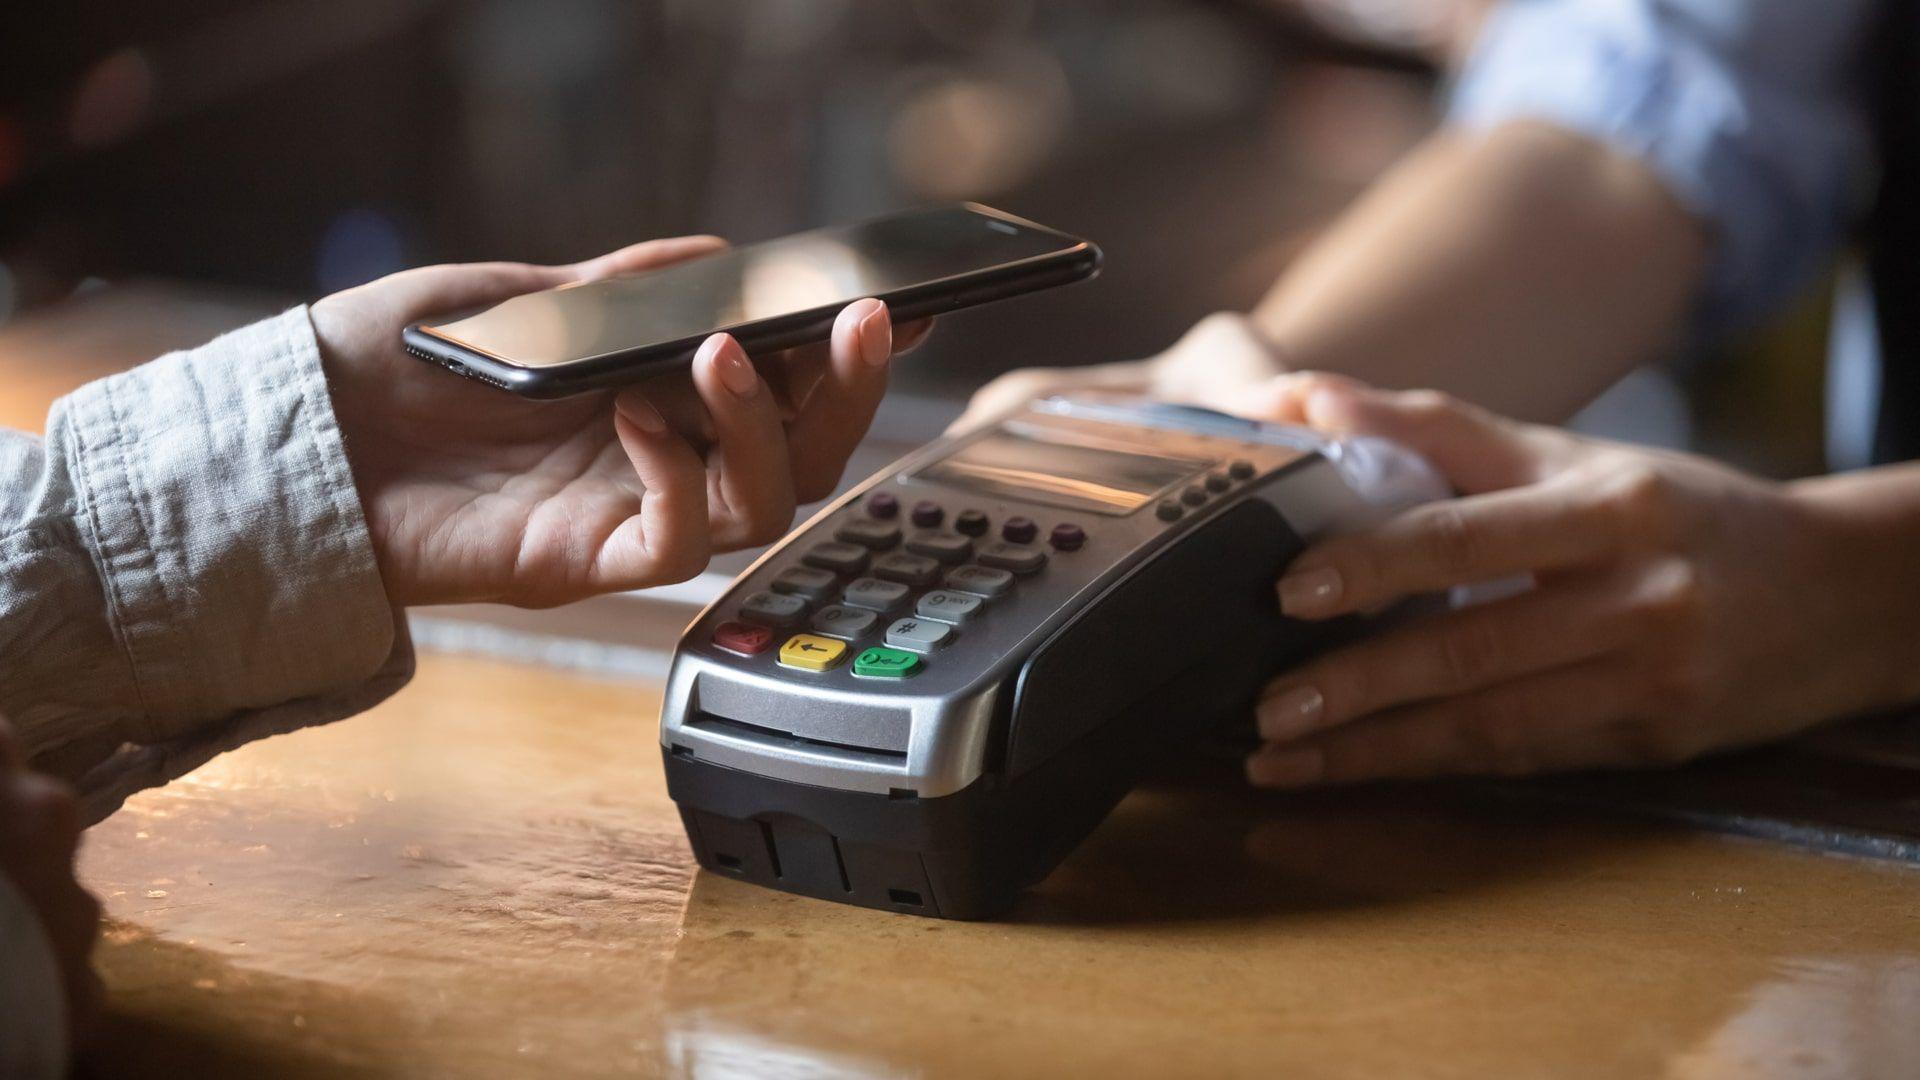 Como transferir arquivos do celular para o PC: NFC é muito usado para pagamentos, mas também permite passar arquivos para o PC (Foto: Shutterstock)